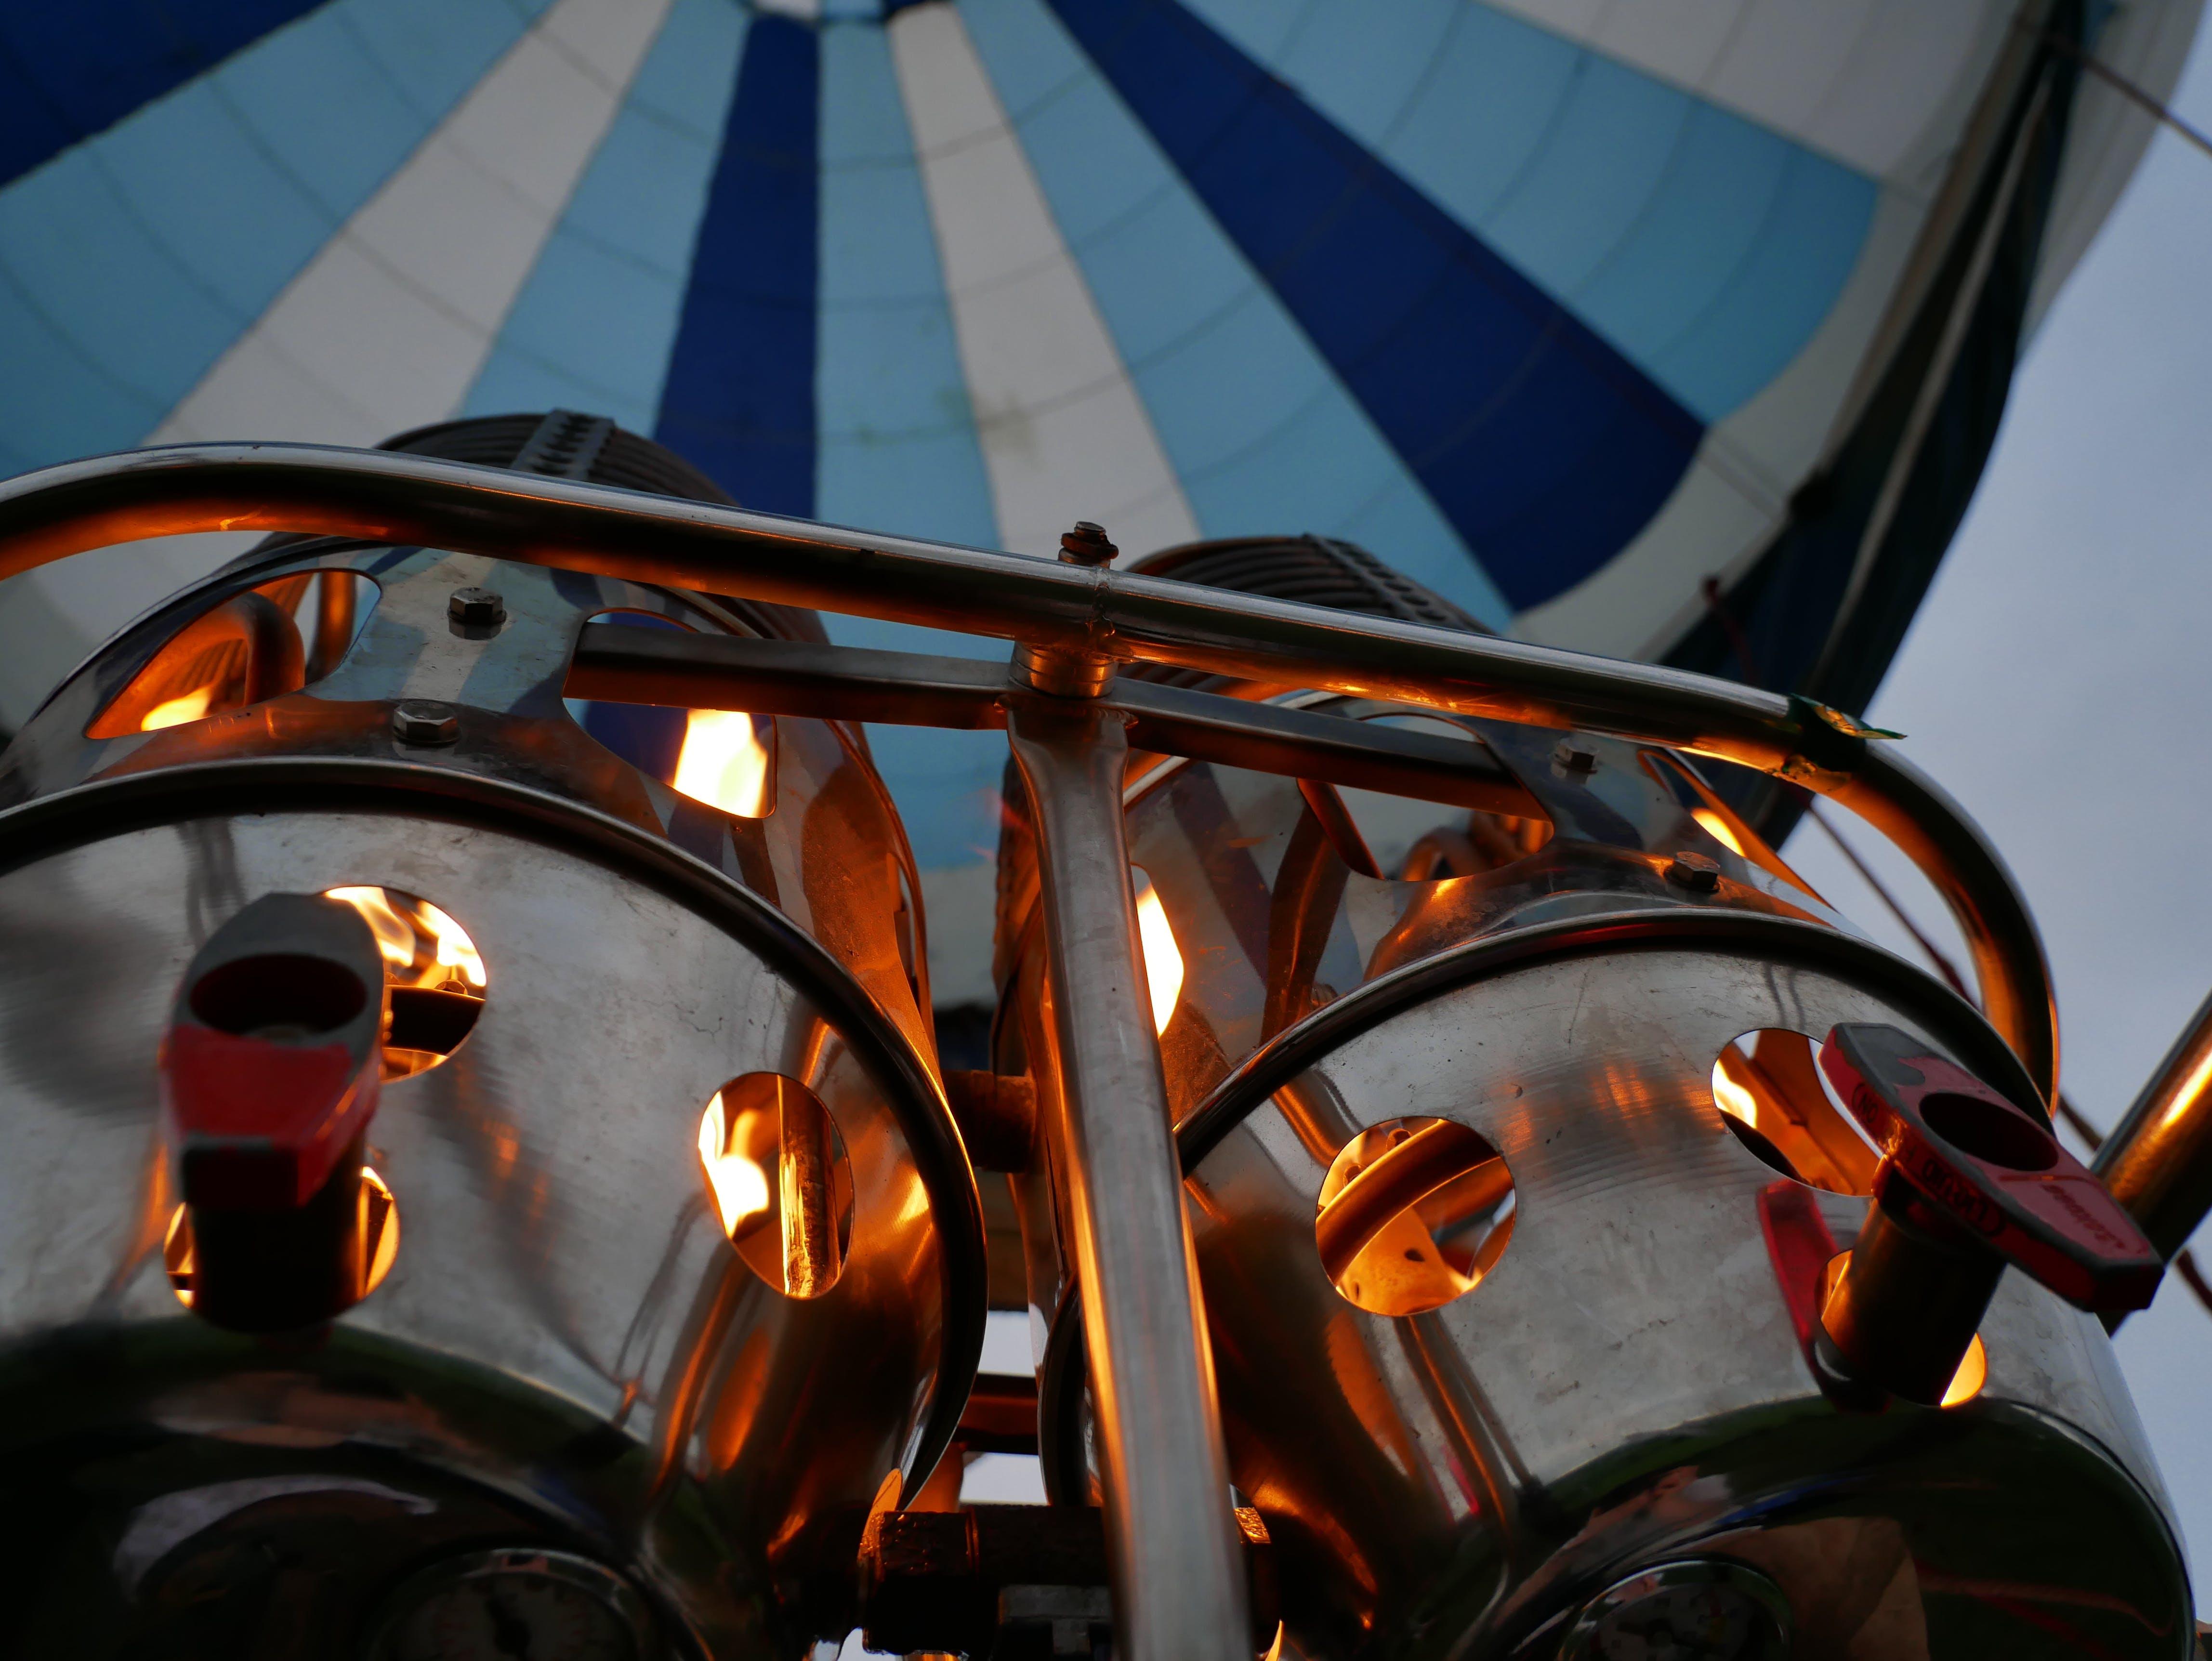 Gratis lagerfoto af ballon, brænder, enkelt fokus, farverig